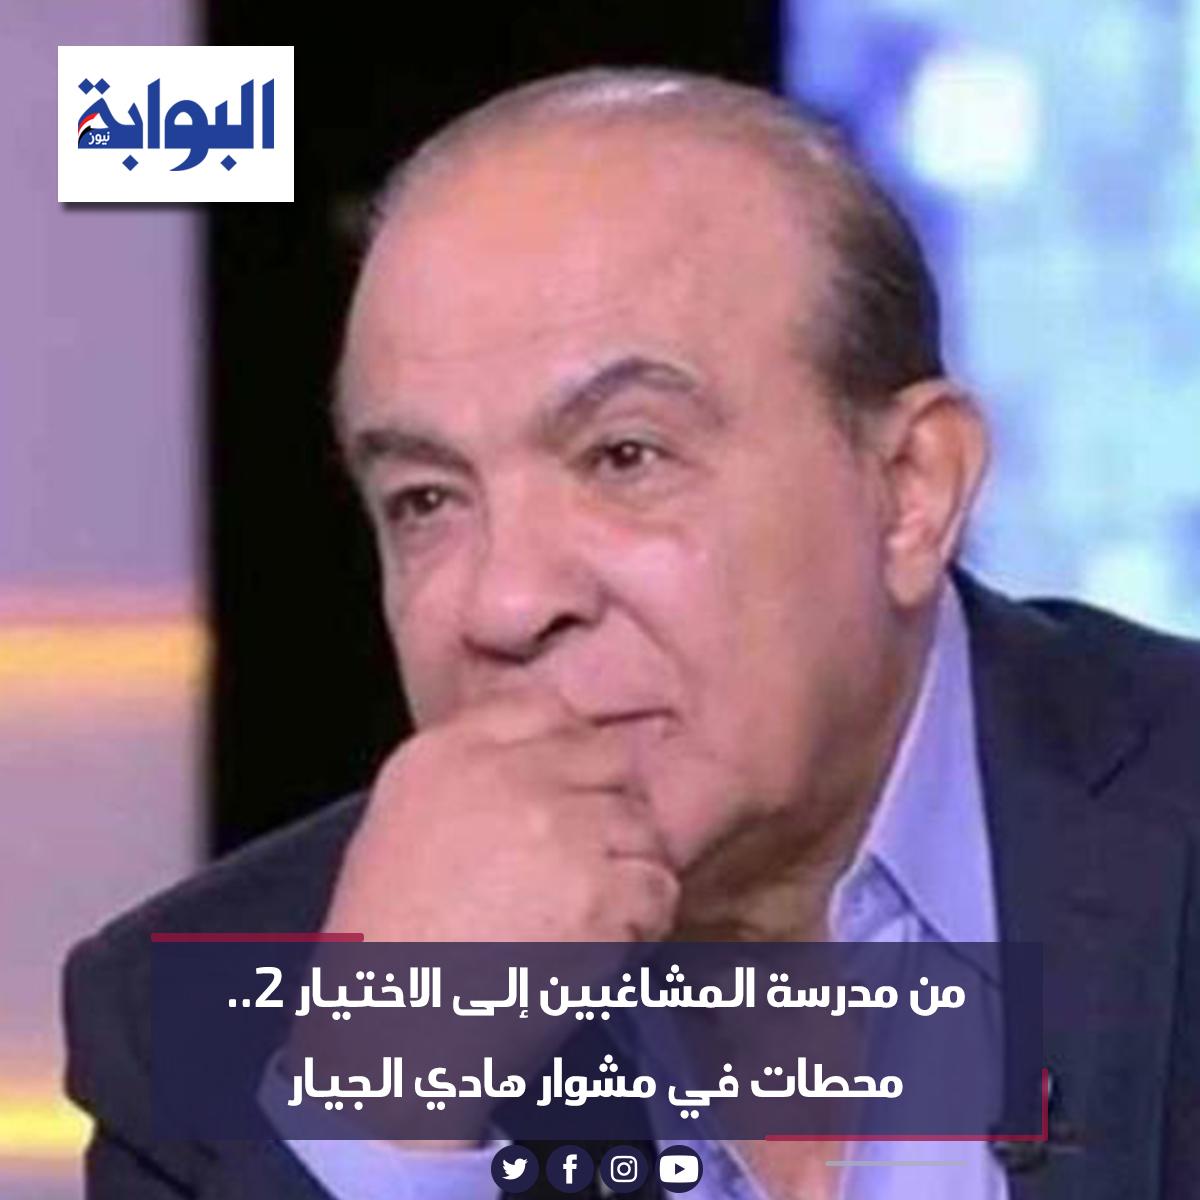 من مدرسة المشاغبين إلى الاختيار 2.. محطات في مشوار هادي الجيار شاهد